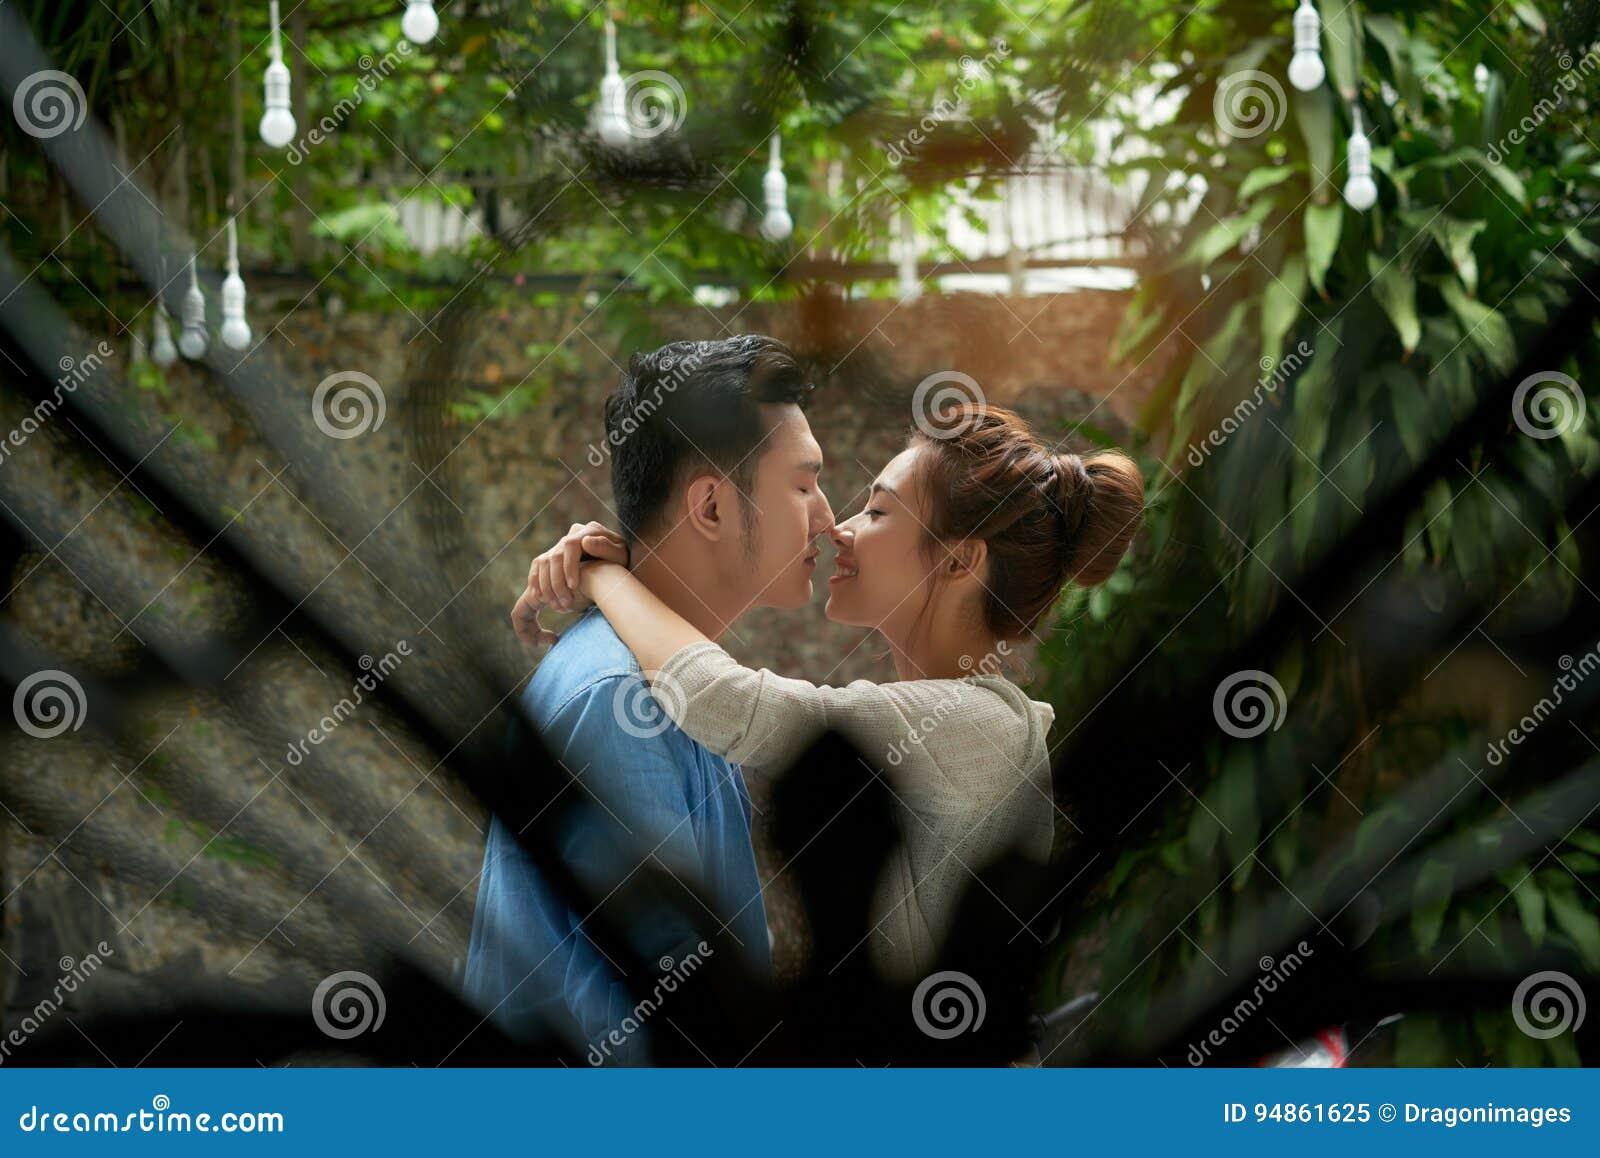 Νέα μυστική αγάπη